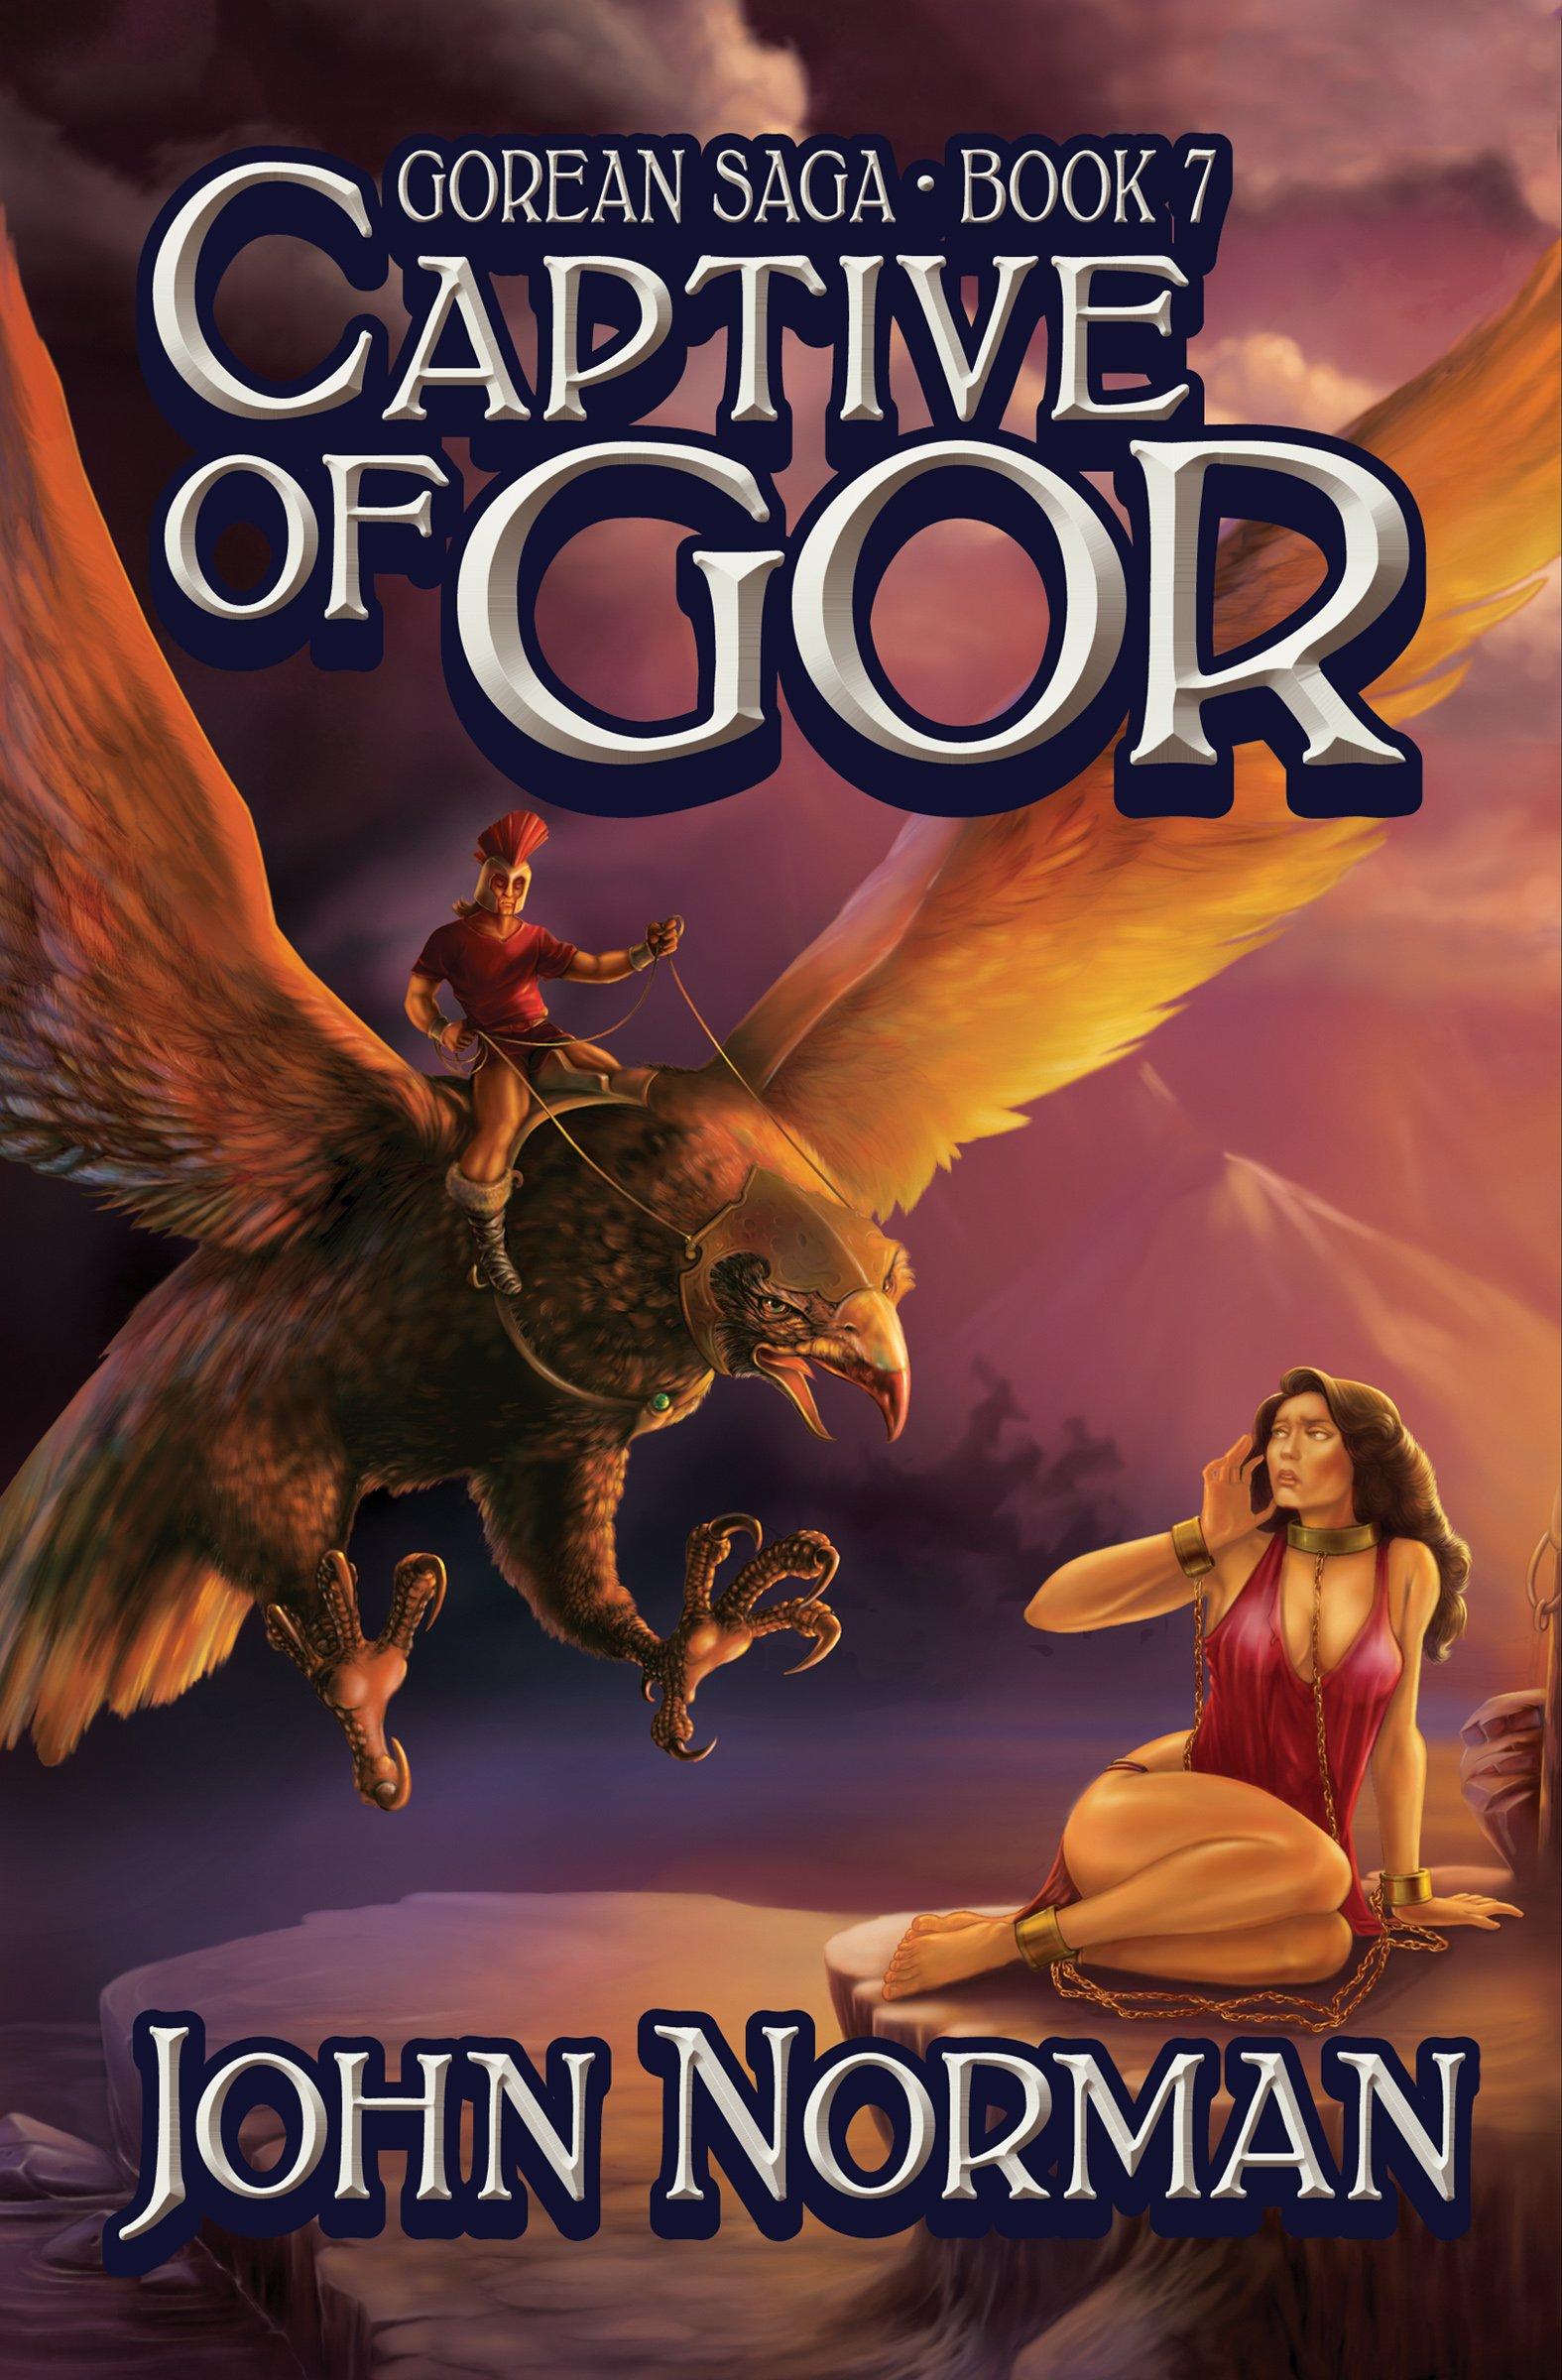 John Norman - Captive of Gor (Gor 7)